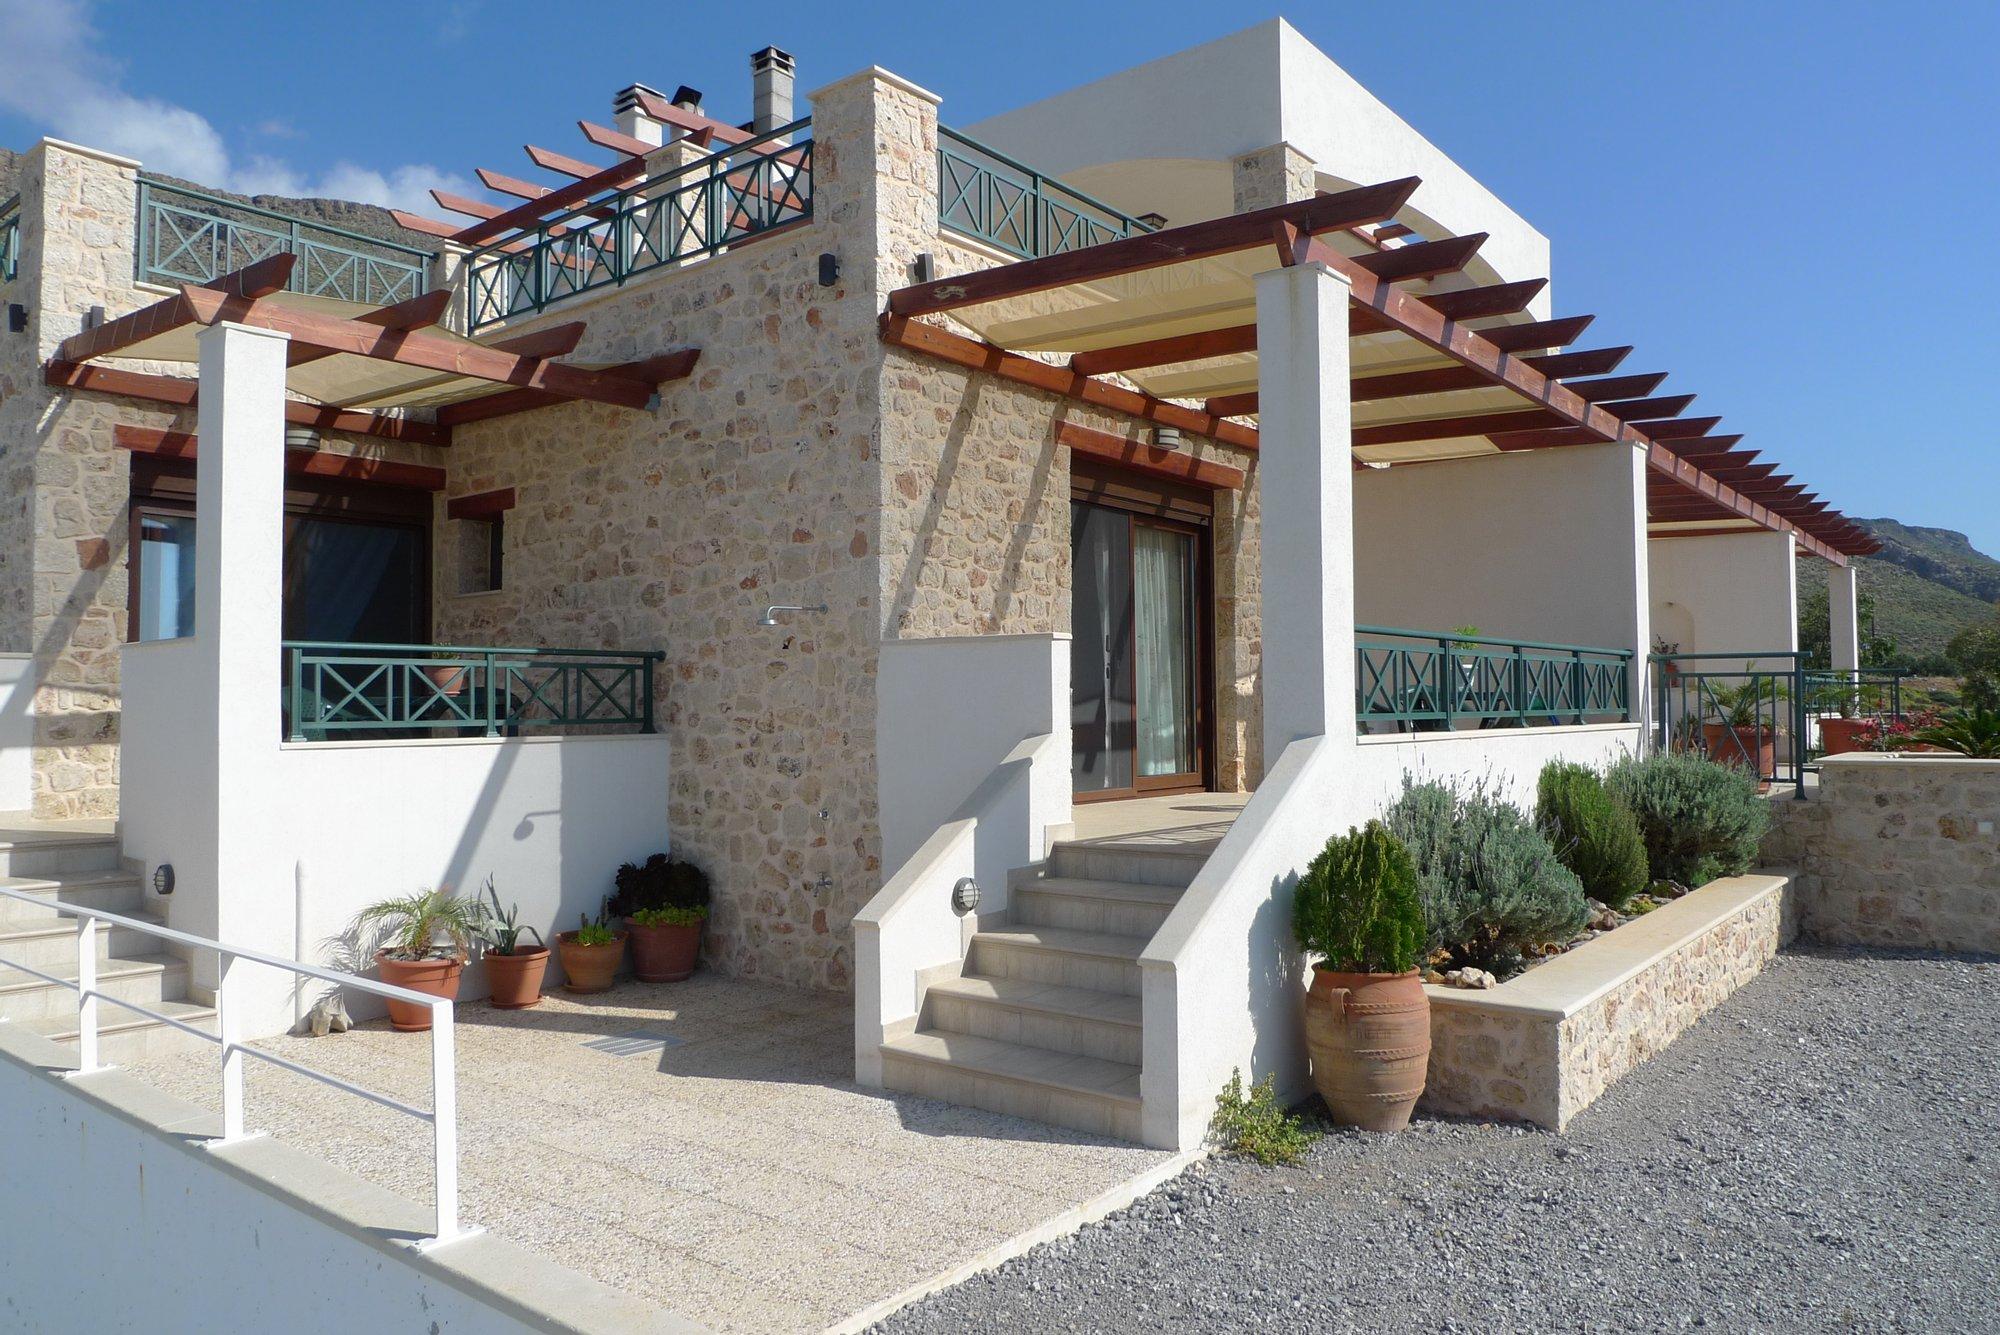 House in Xirokampos, Greece 1